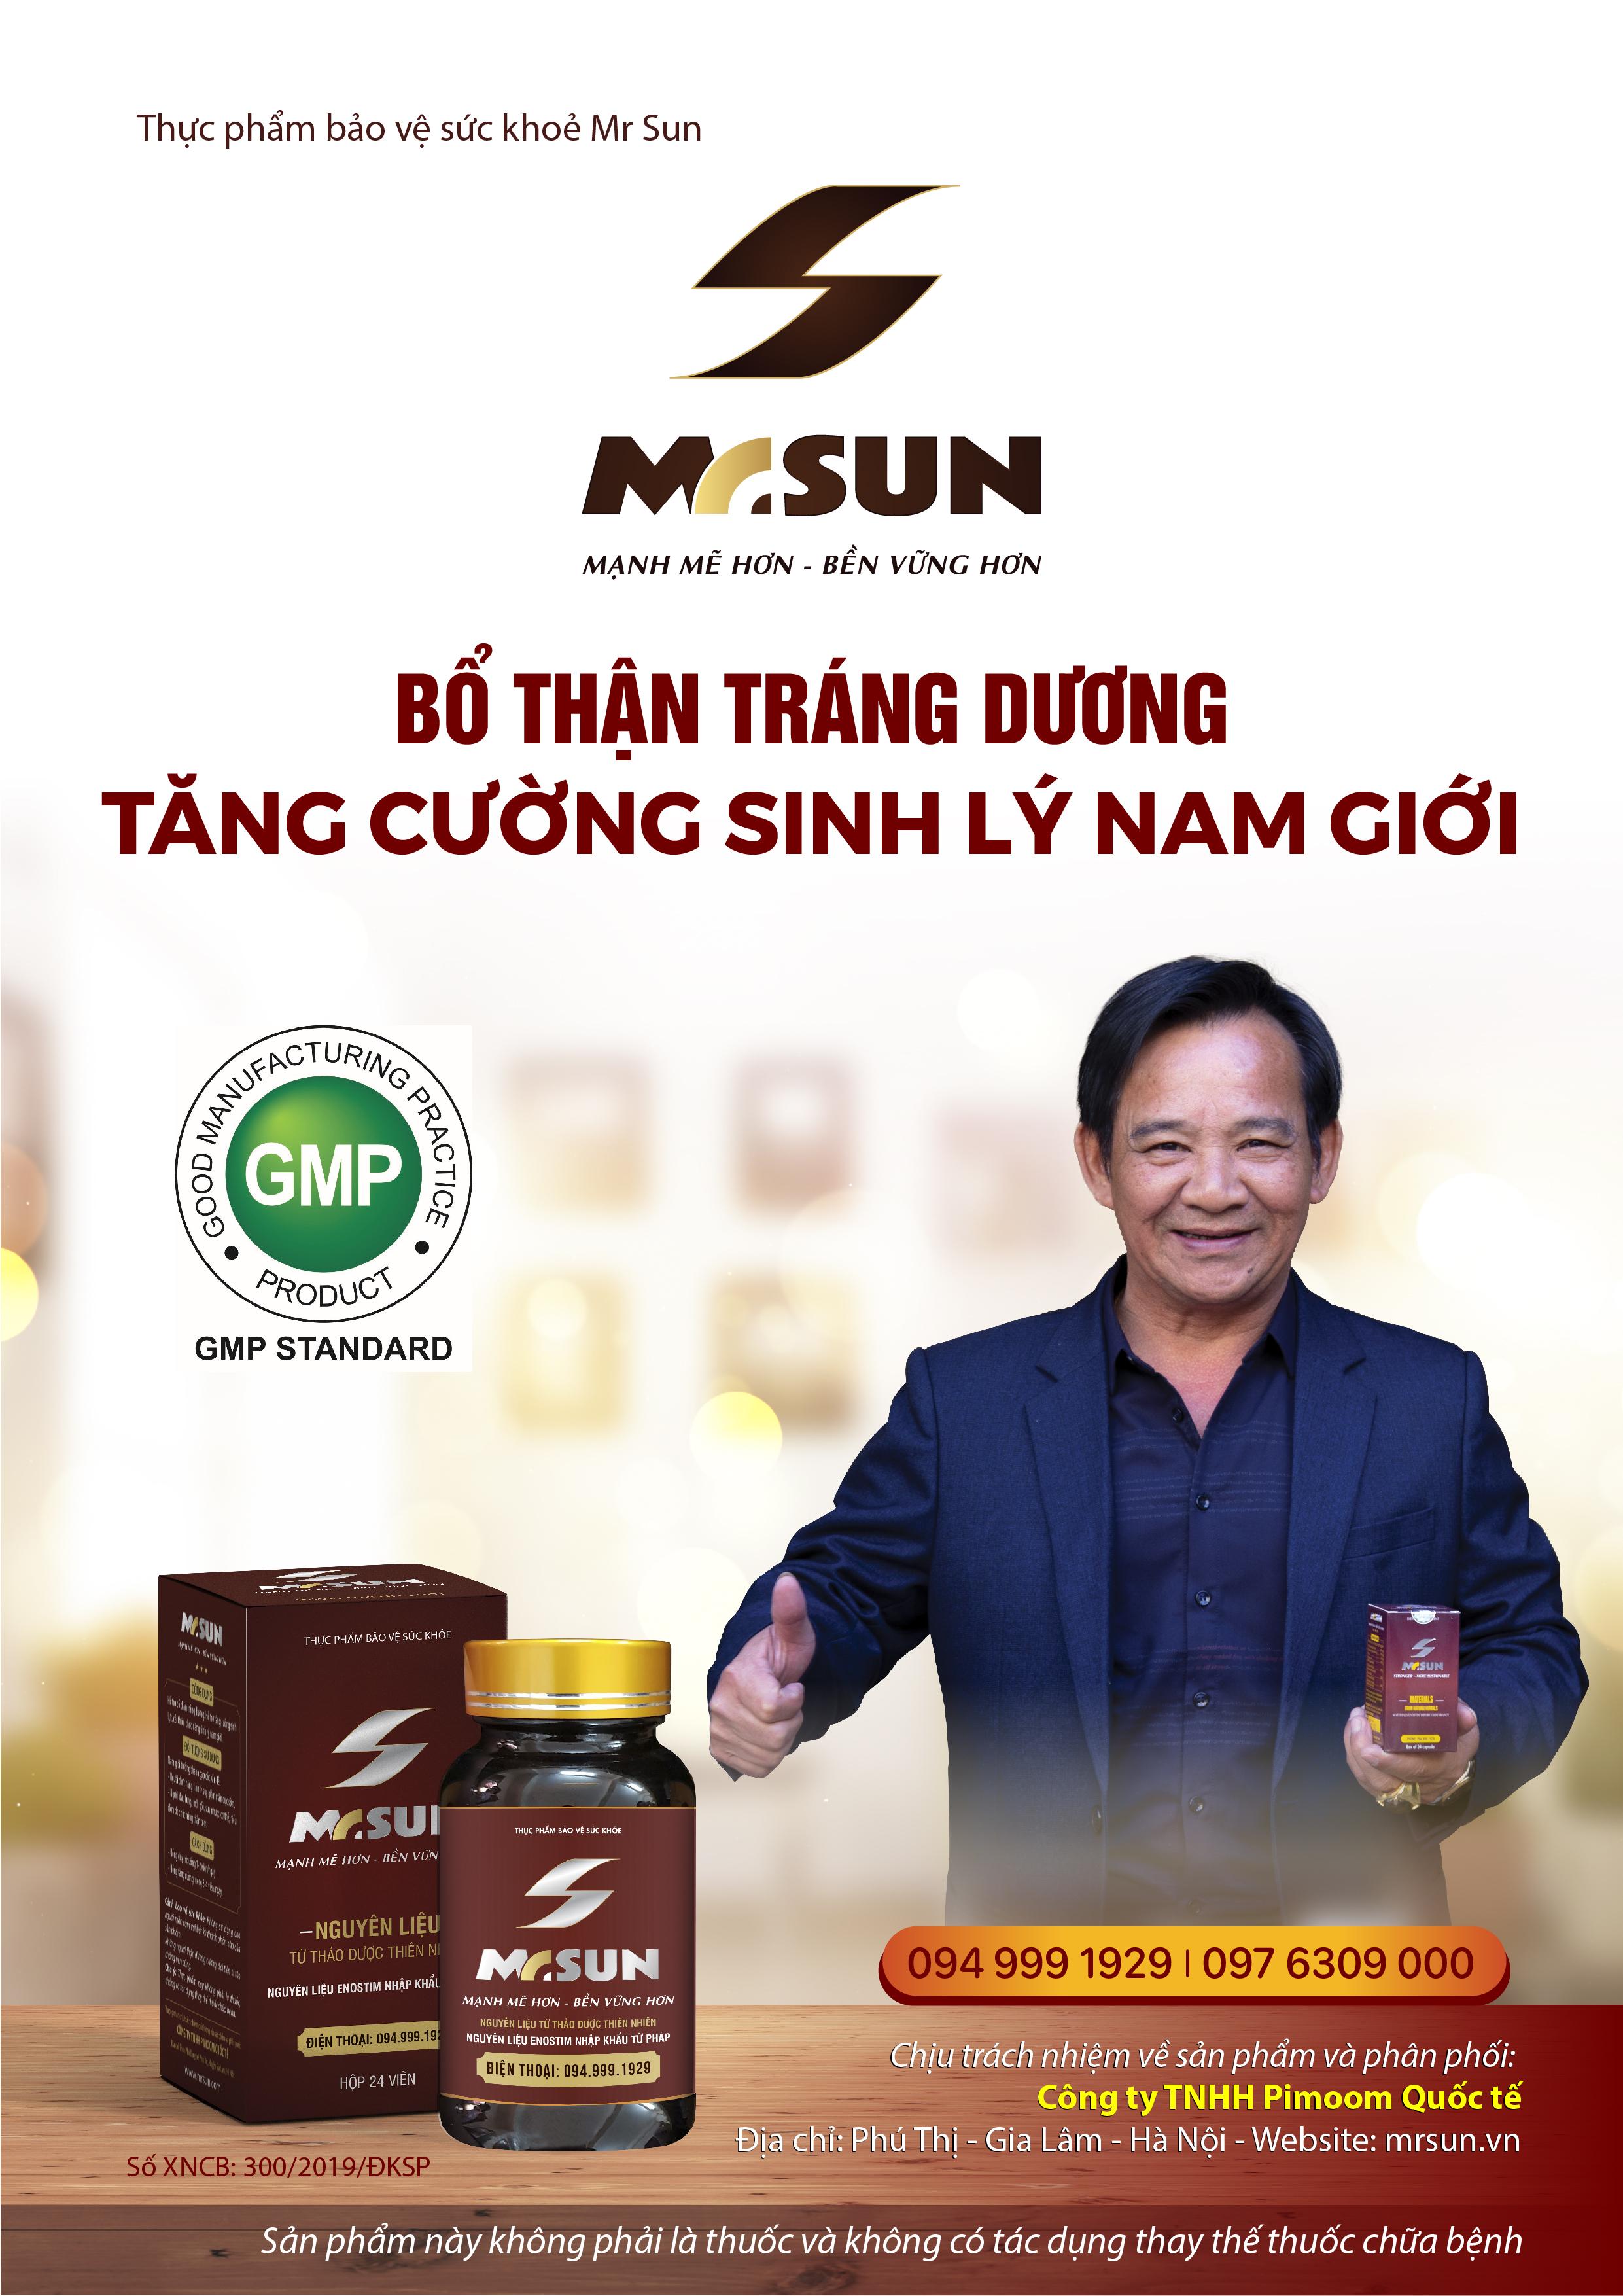 Mr Sun là bí quyết duy trì phong độ đàn ông của Nghệ sĩ Quang Tèo ở tuổi U60